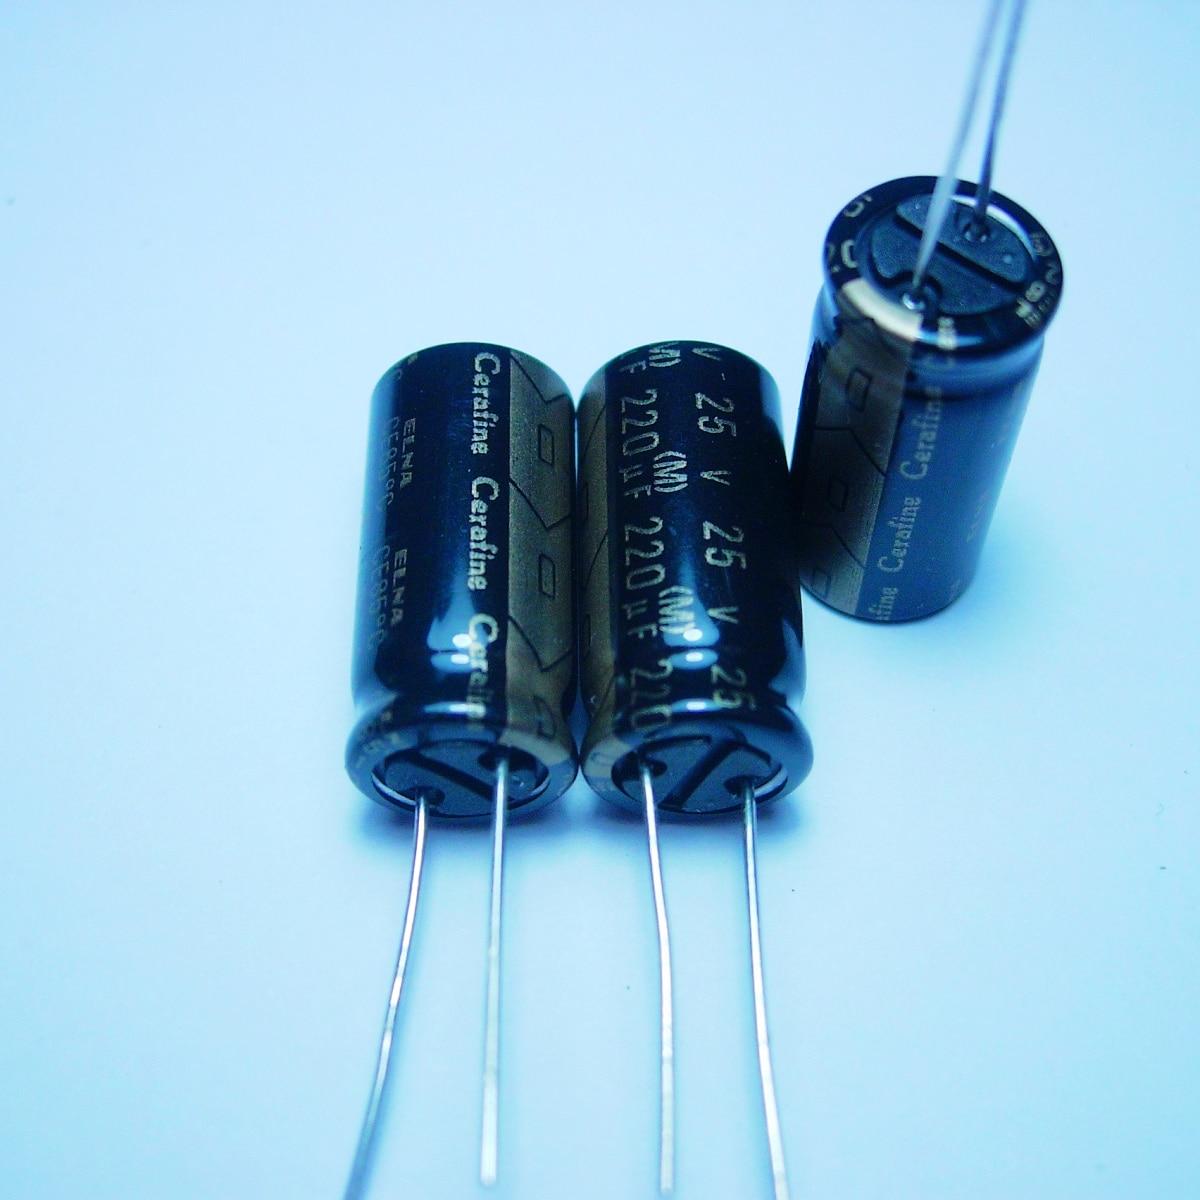 10pcs/20pcs ELNA cerafine 25v220uf black audio condenser copper audio super capacitor electrolytic capacitors free shipping 5pcs 10pcs elna silmcii 16v2200uf 18 40 copper capacitor audio super capacitor electrolytic capacitors free shipping